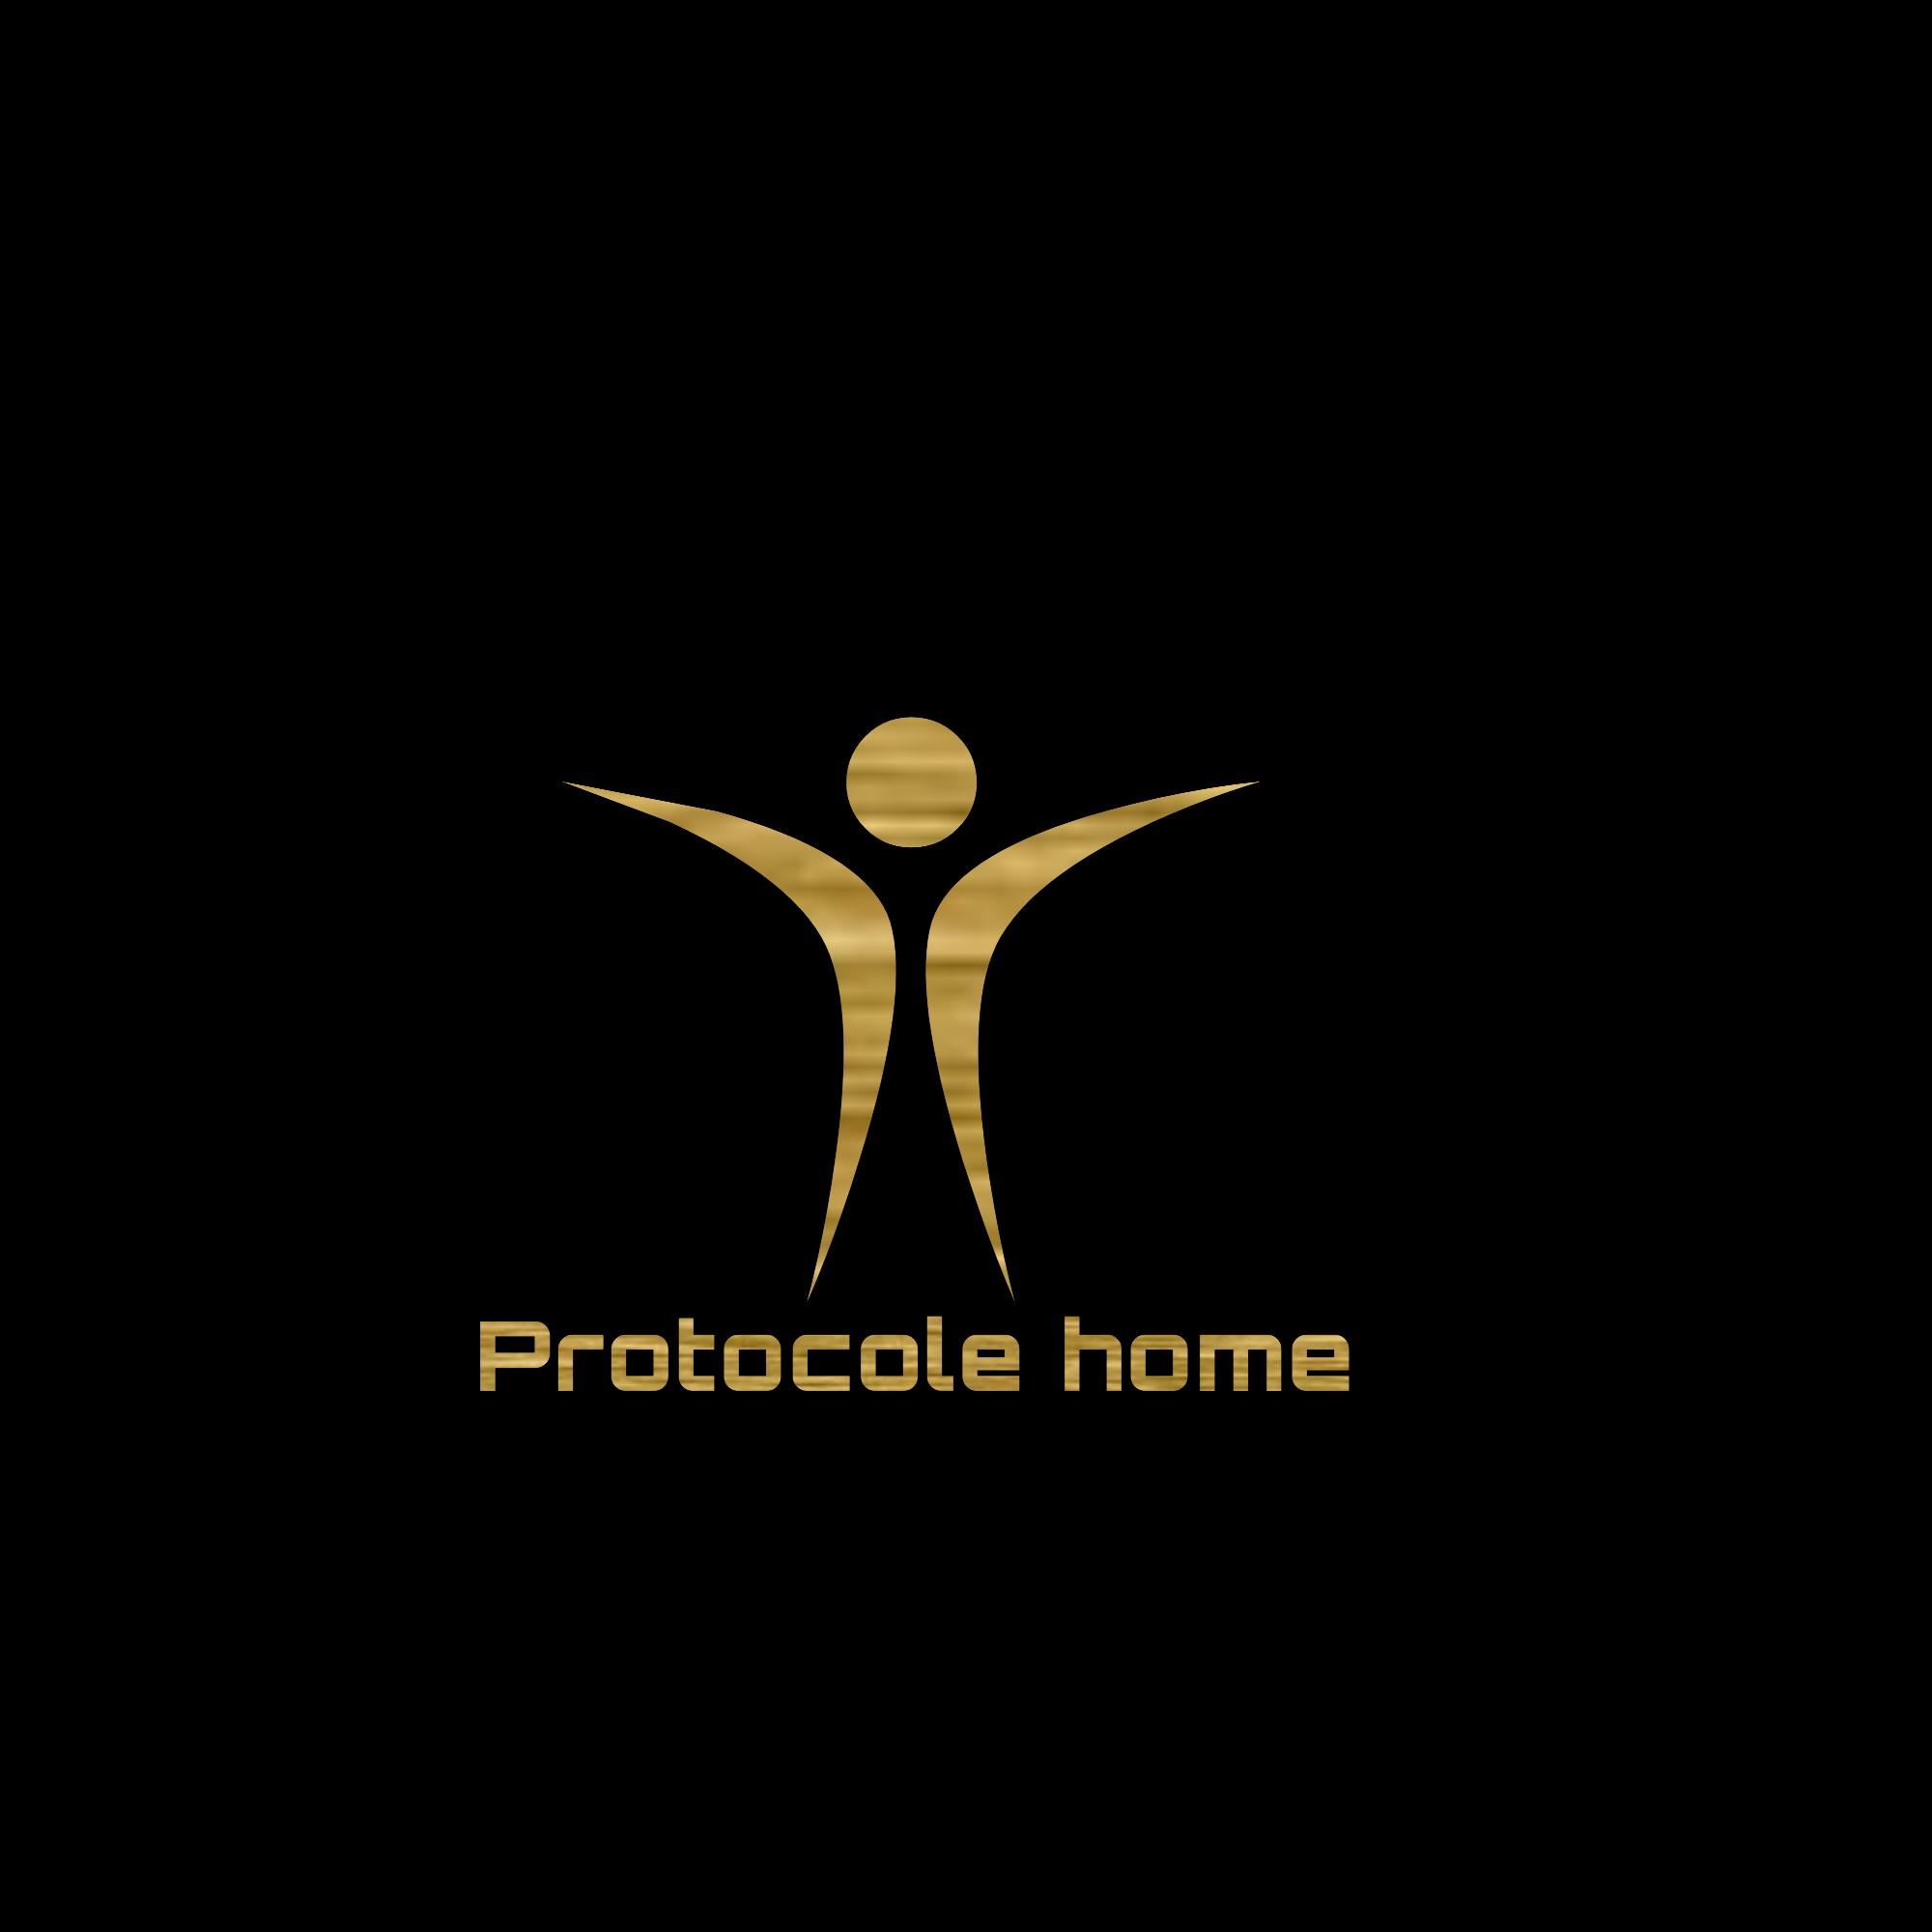 PROTOCOLE HOME